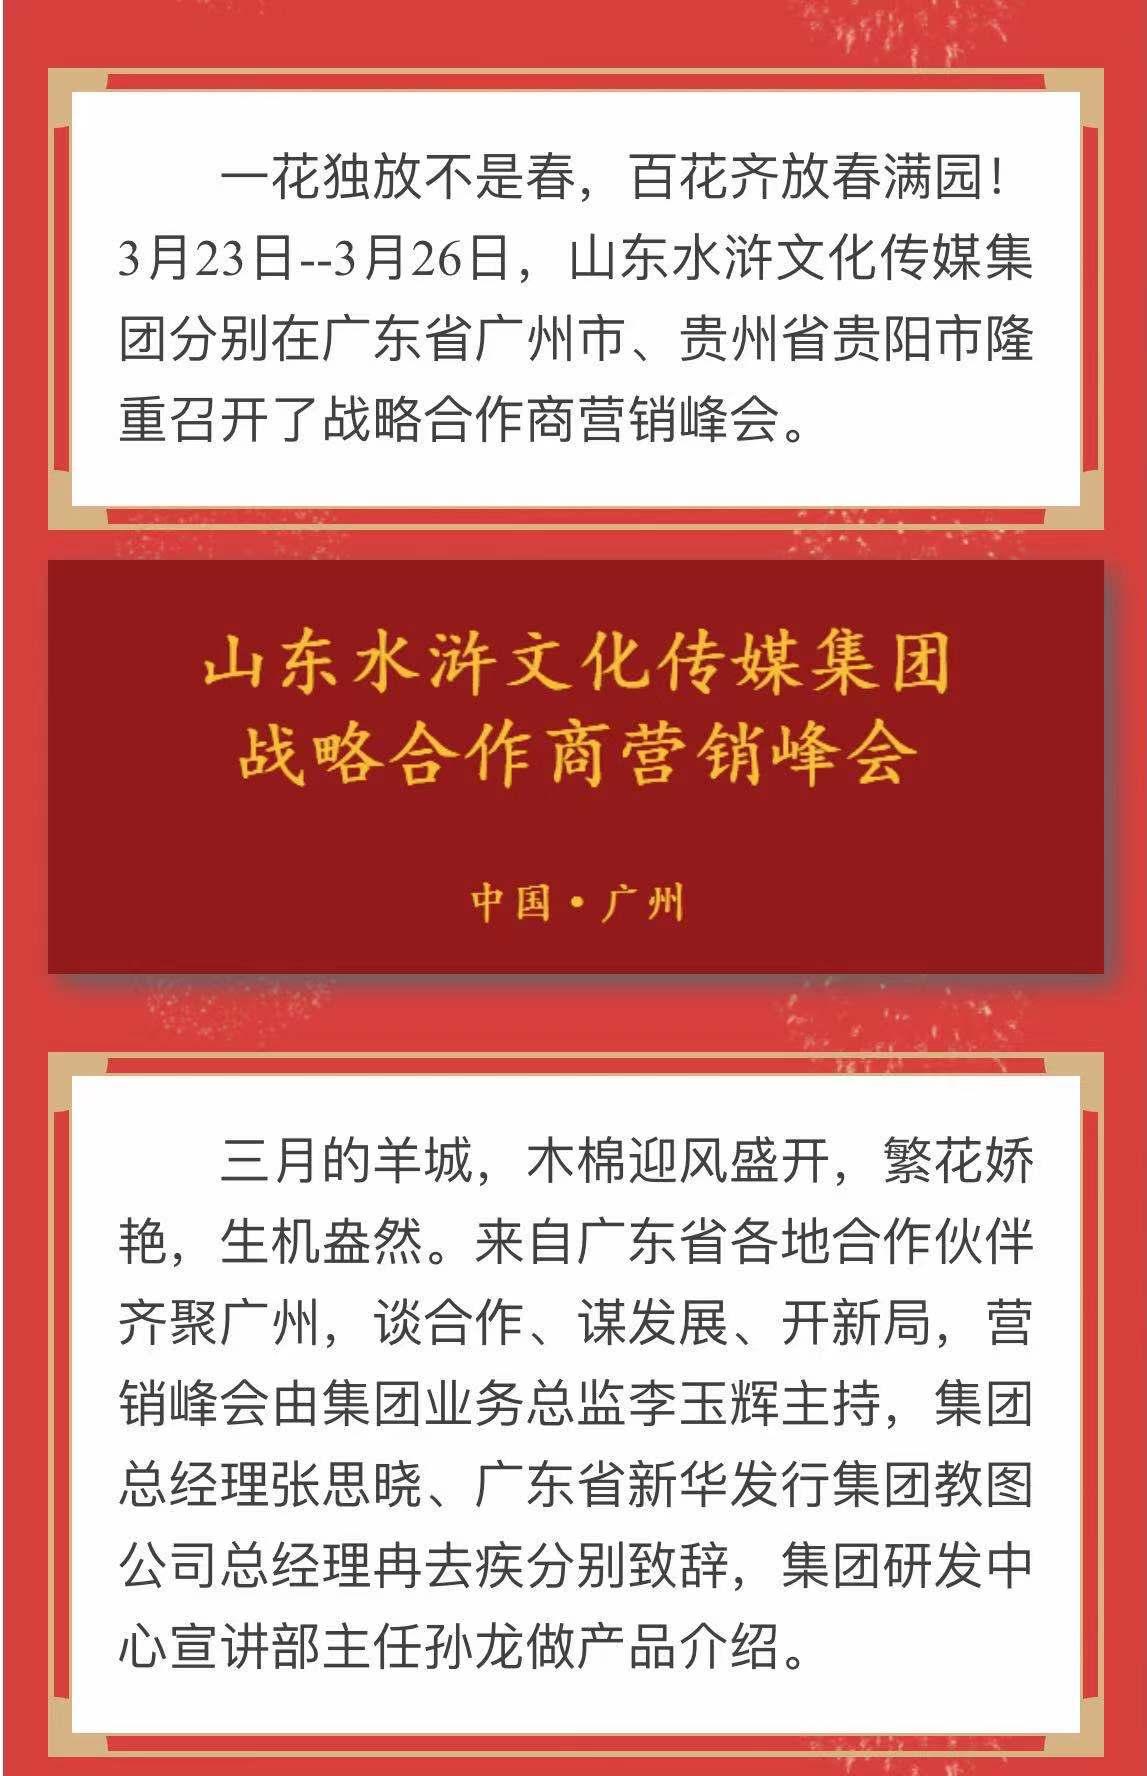 熱烈祝賀廣東省、貴州省戰略合作商營銷峰會圓滿成功!